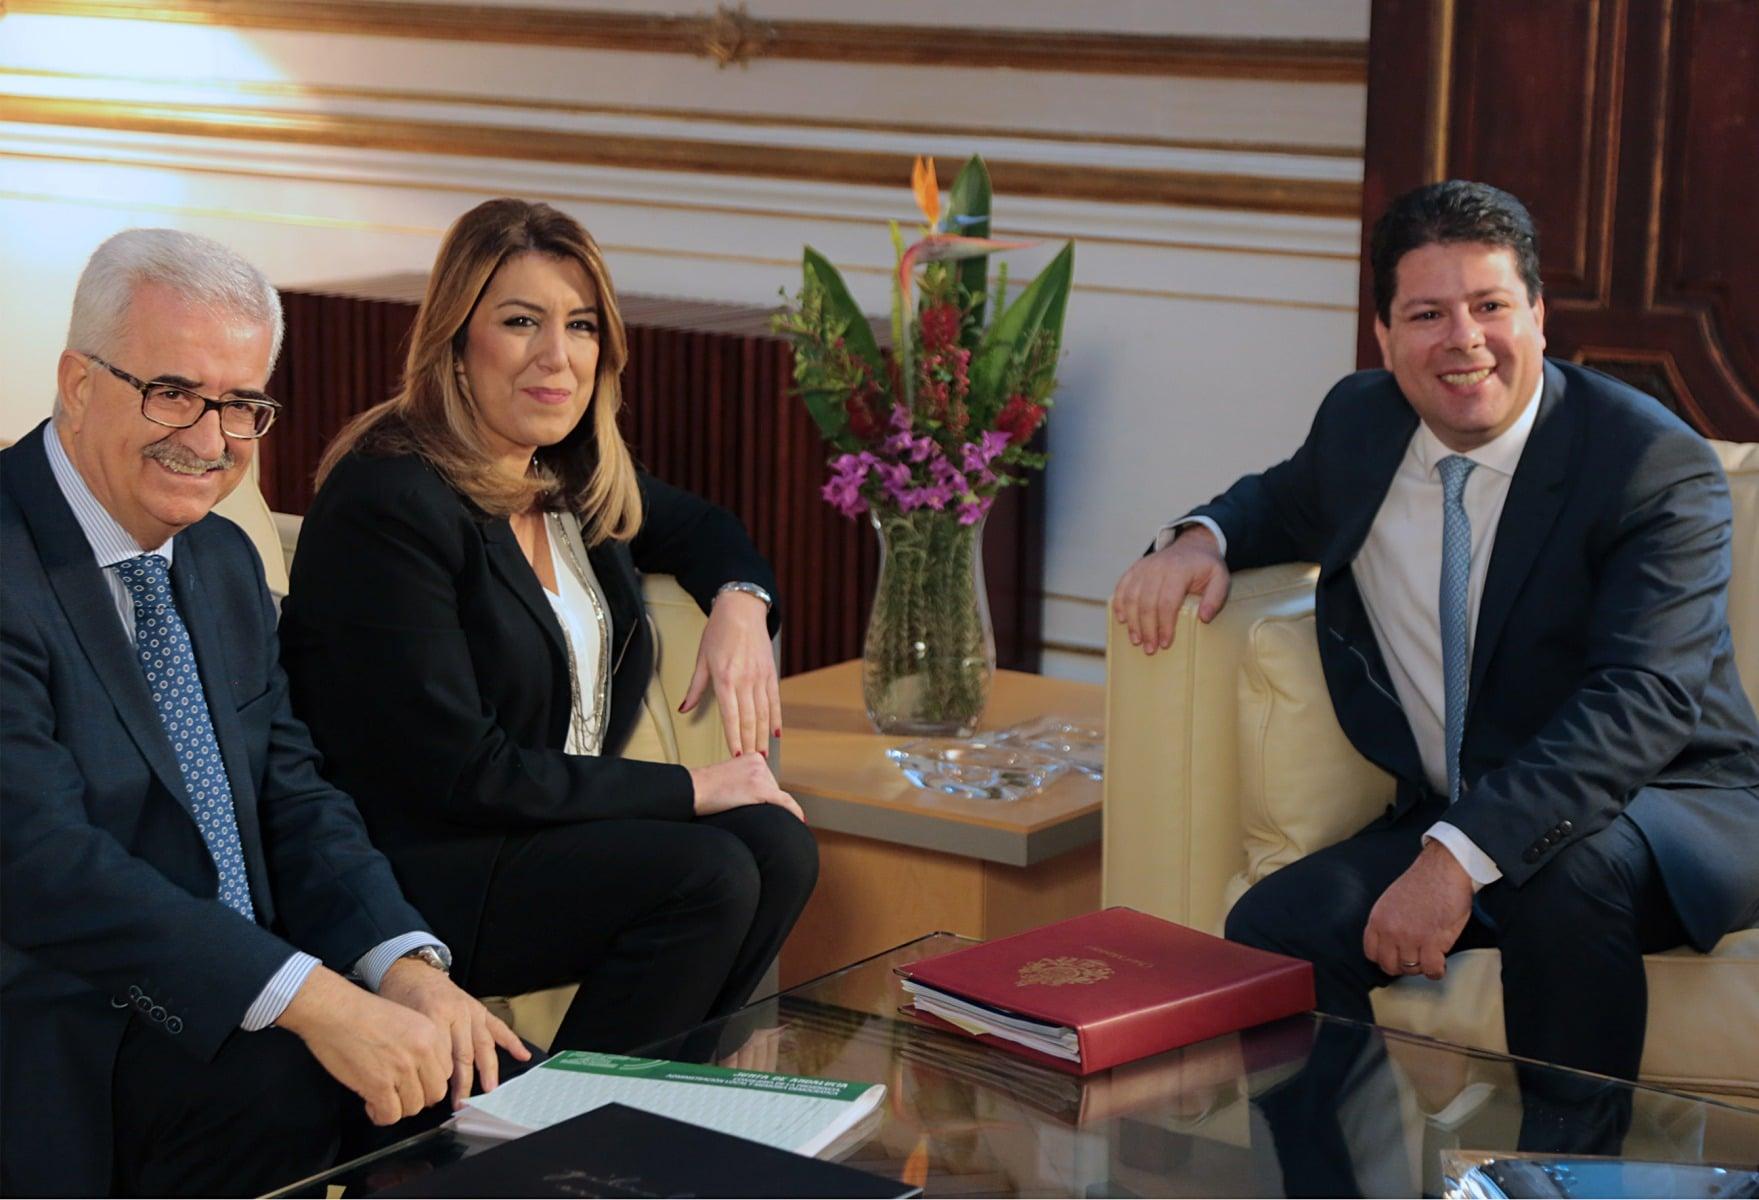 reunin-del-ministro-principal-con-susana-daz-en-sevilla_39893144711_o